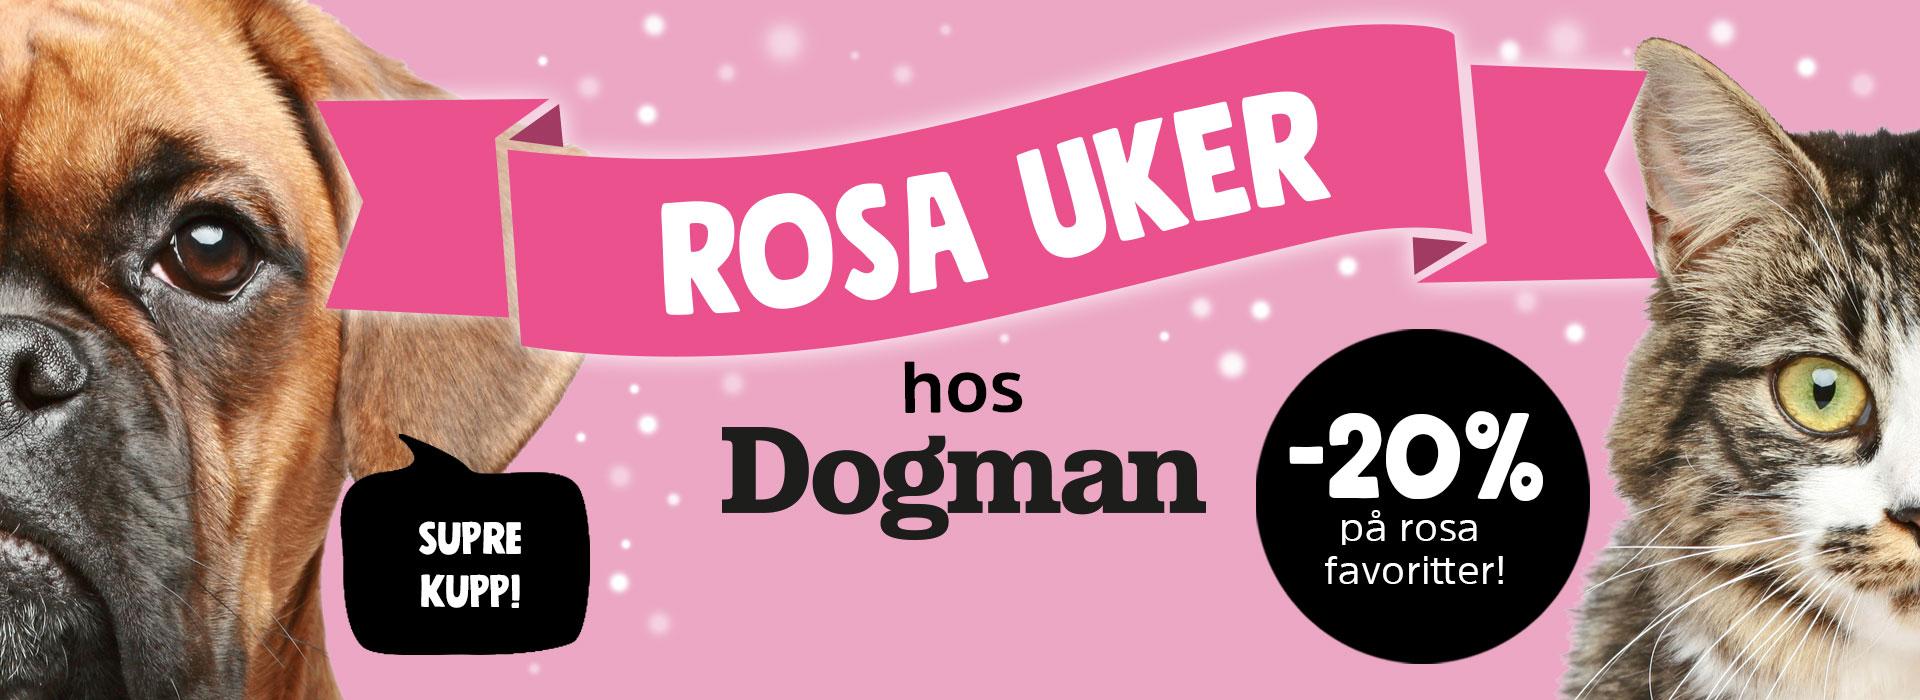 Rosa uker